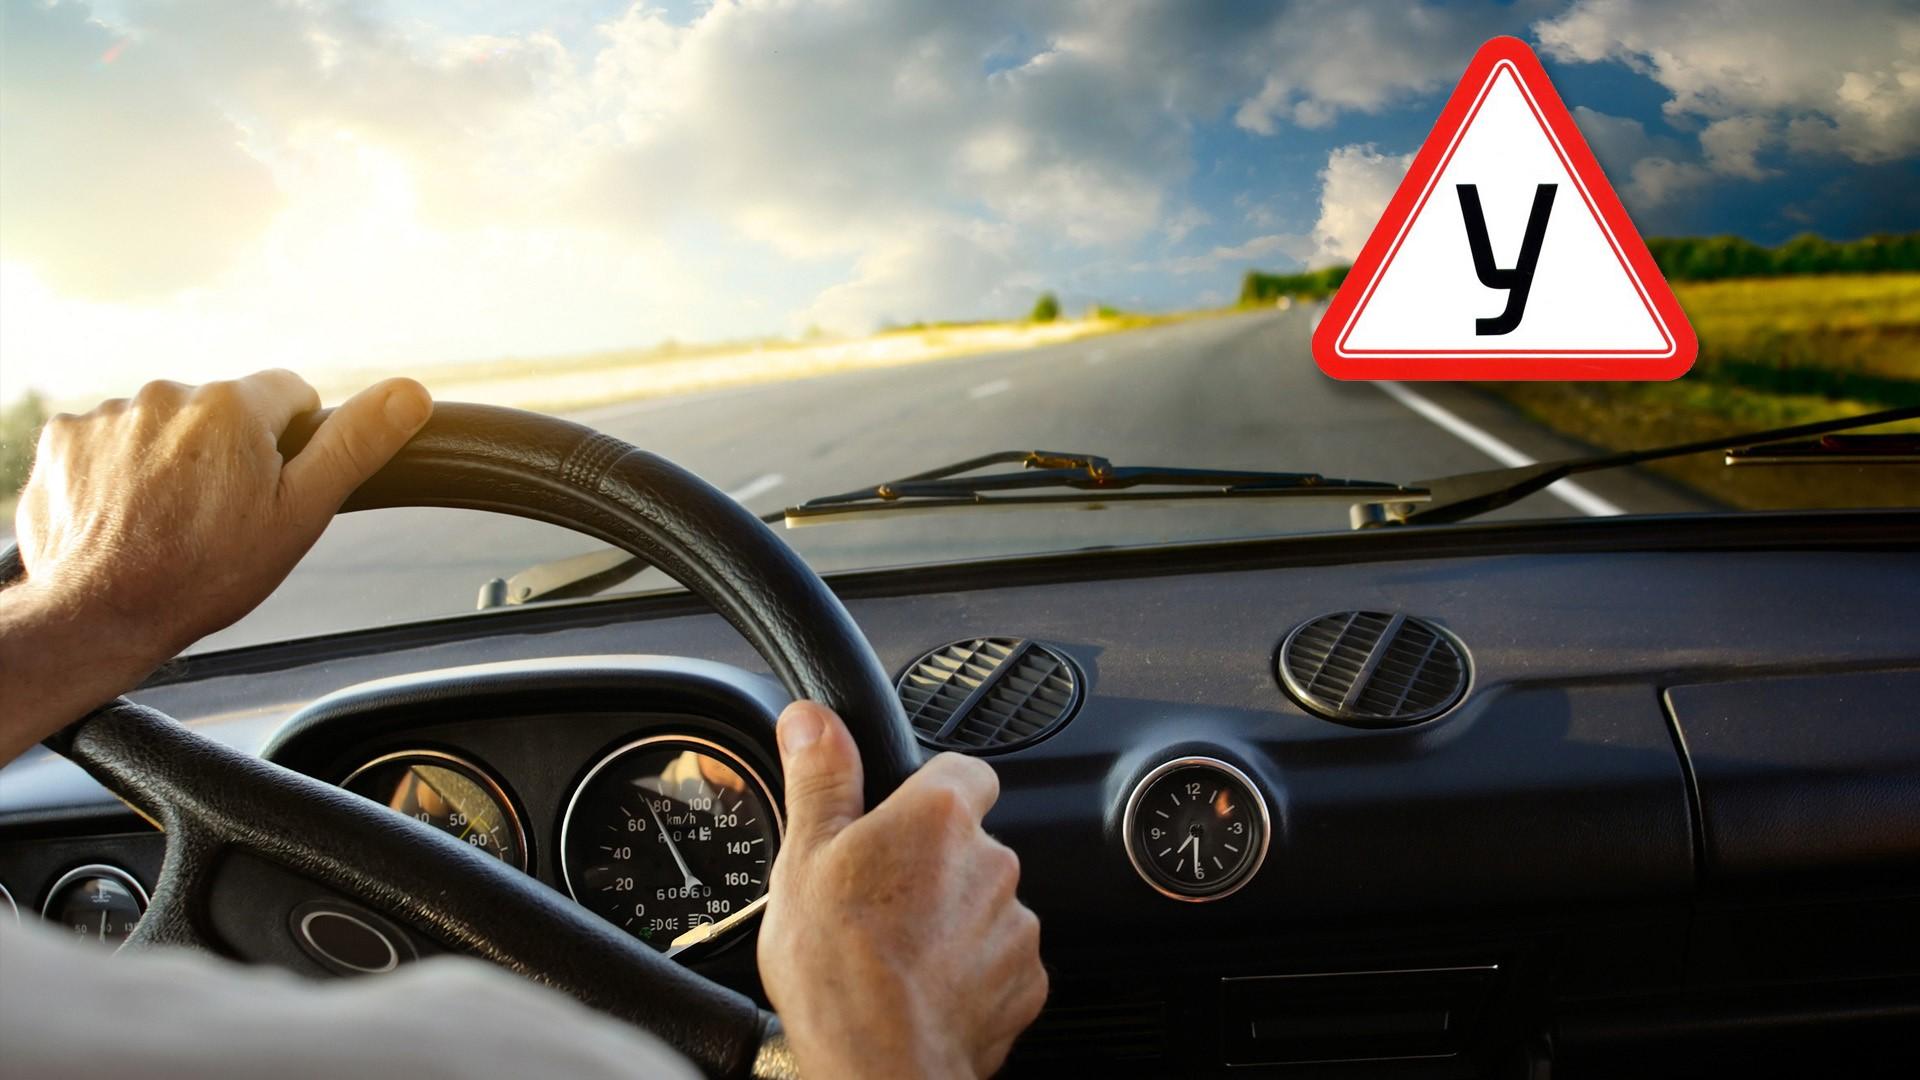 Кировская прокуратура обязала одну из местных автошкол провести освидетельствование инструкторов